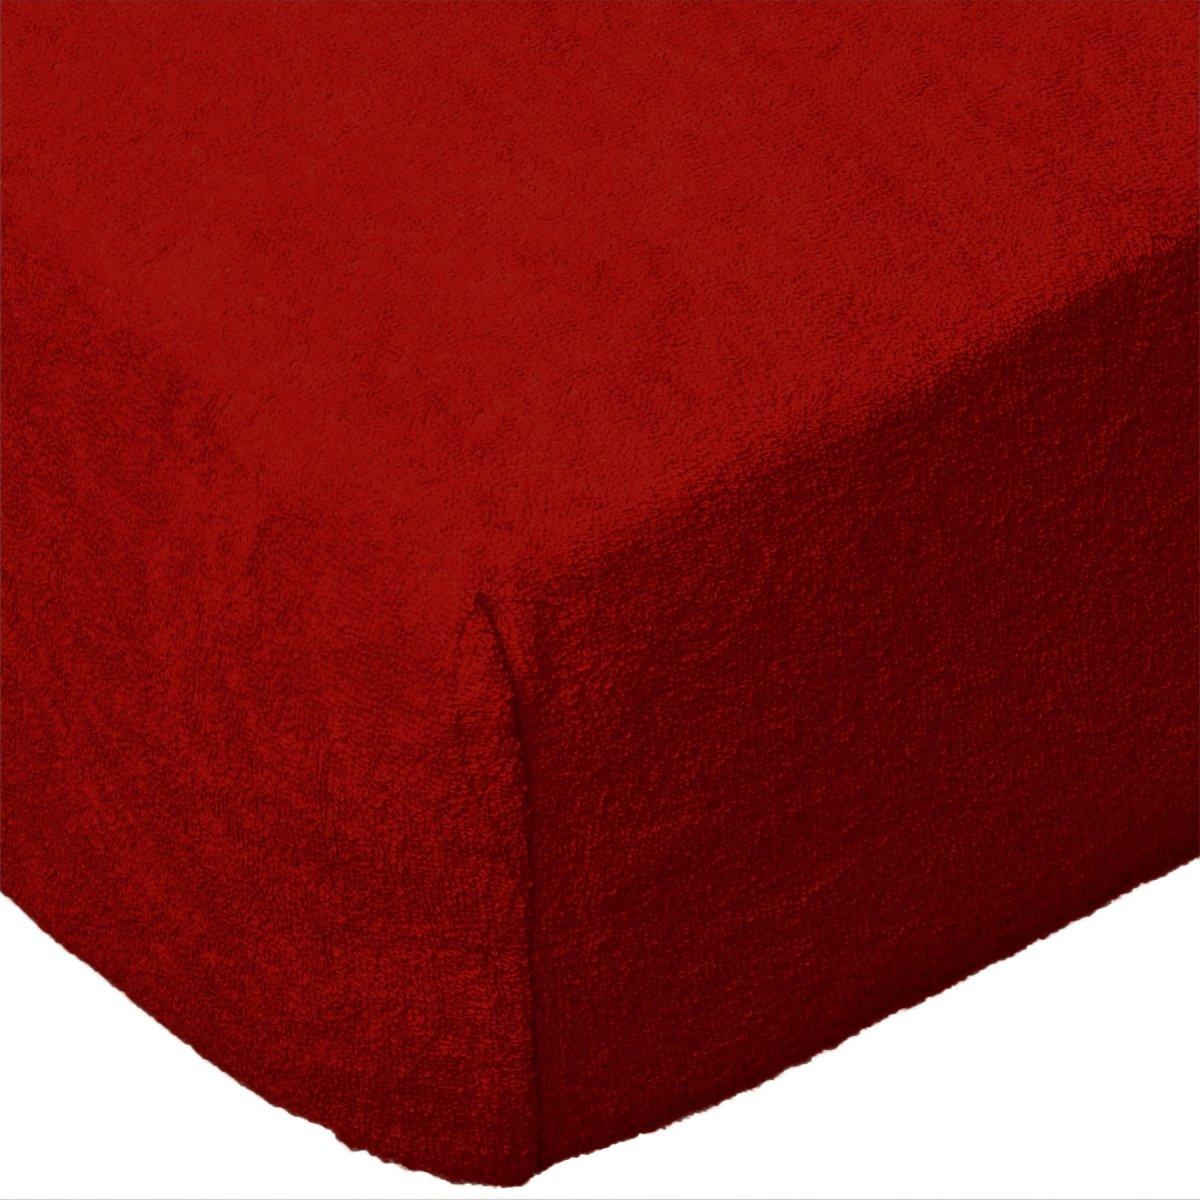 a919a9deecc6c Grube Prześcieradło FROTTE 160x200 na gumkę wz. 029 czerwony ...